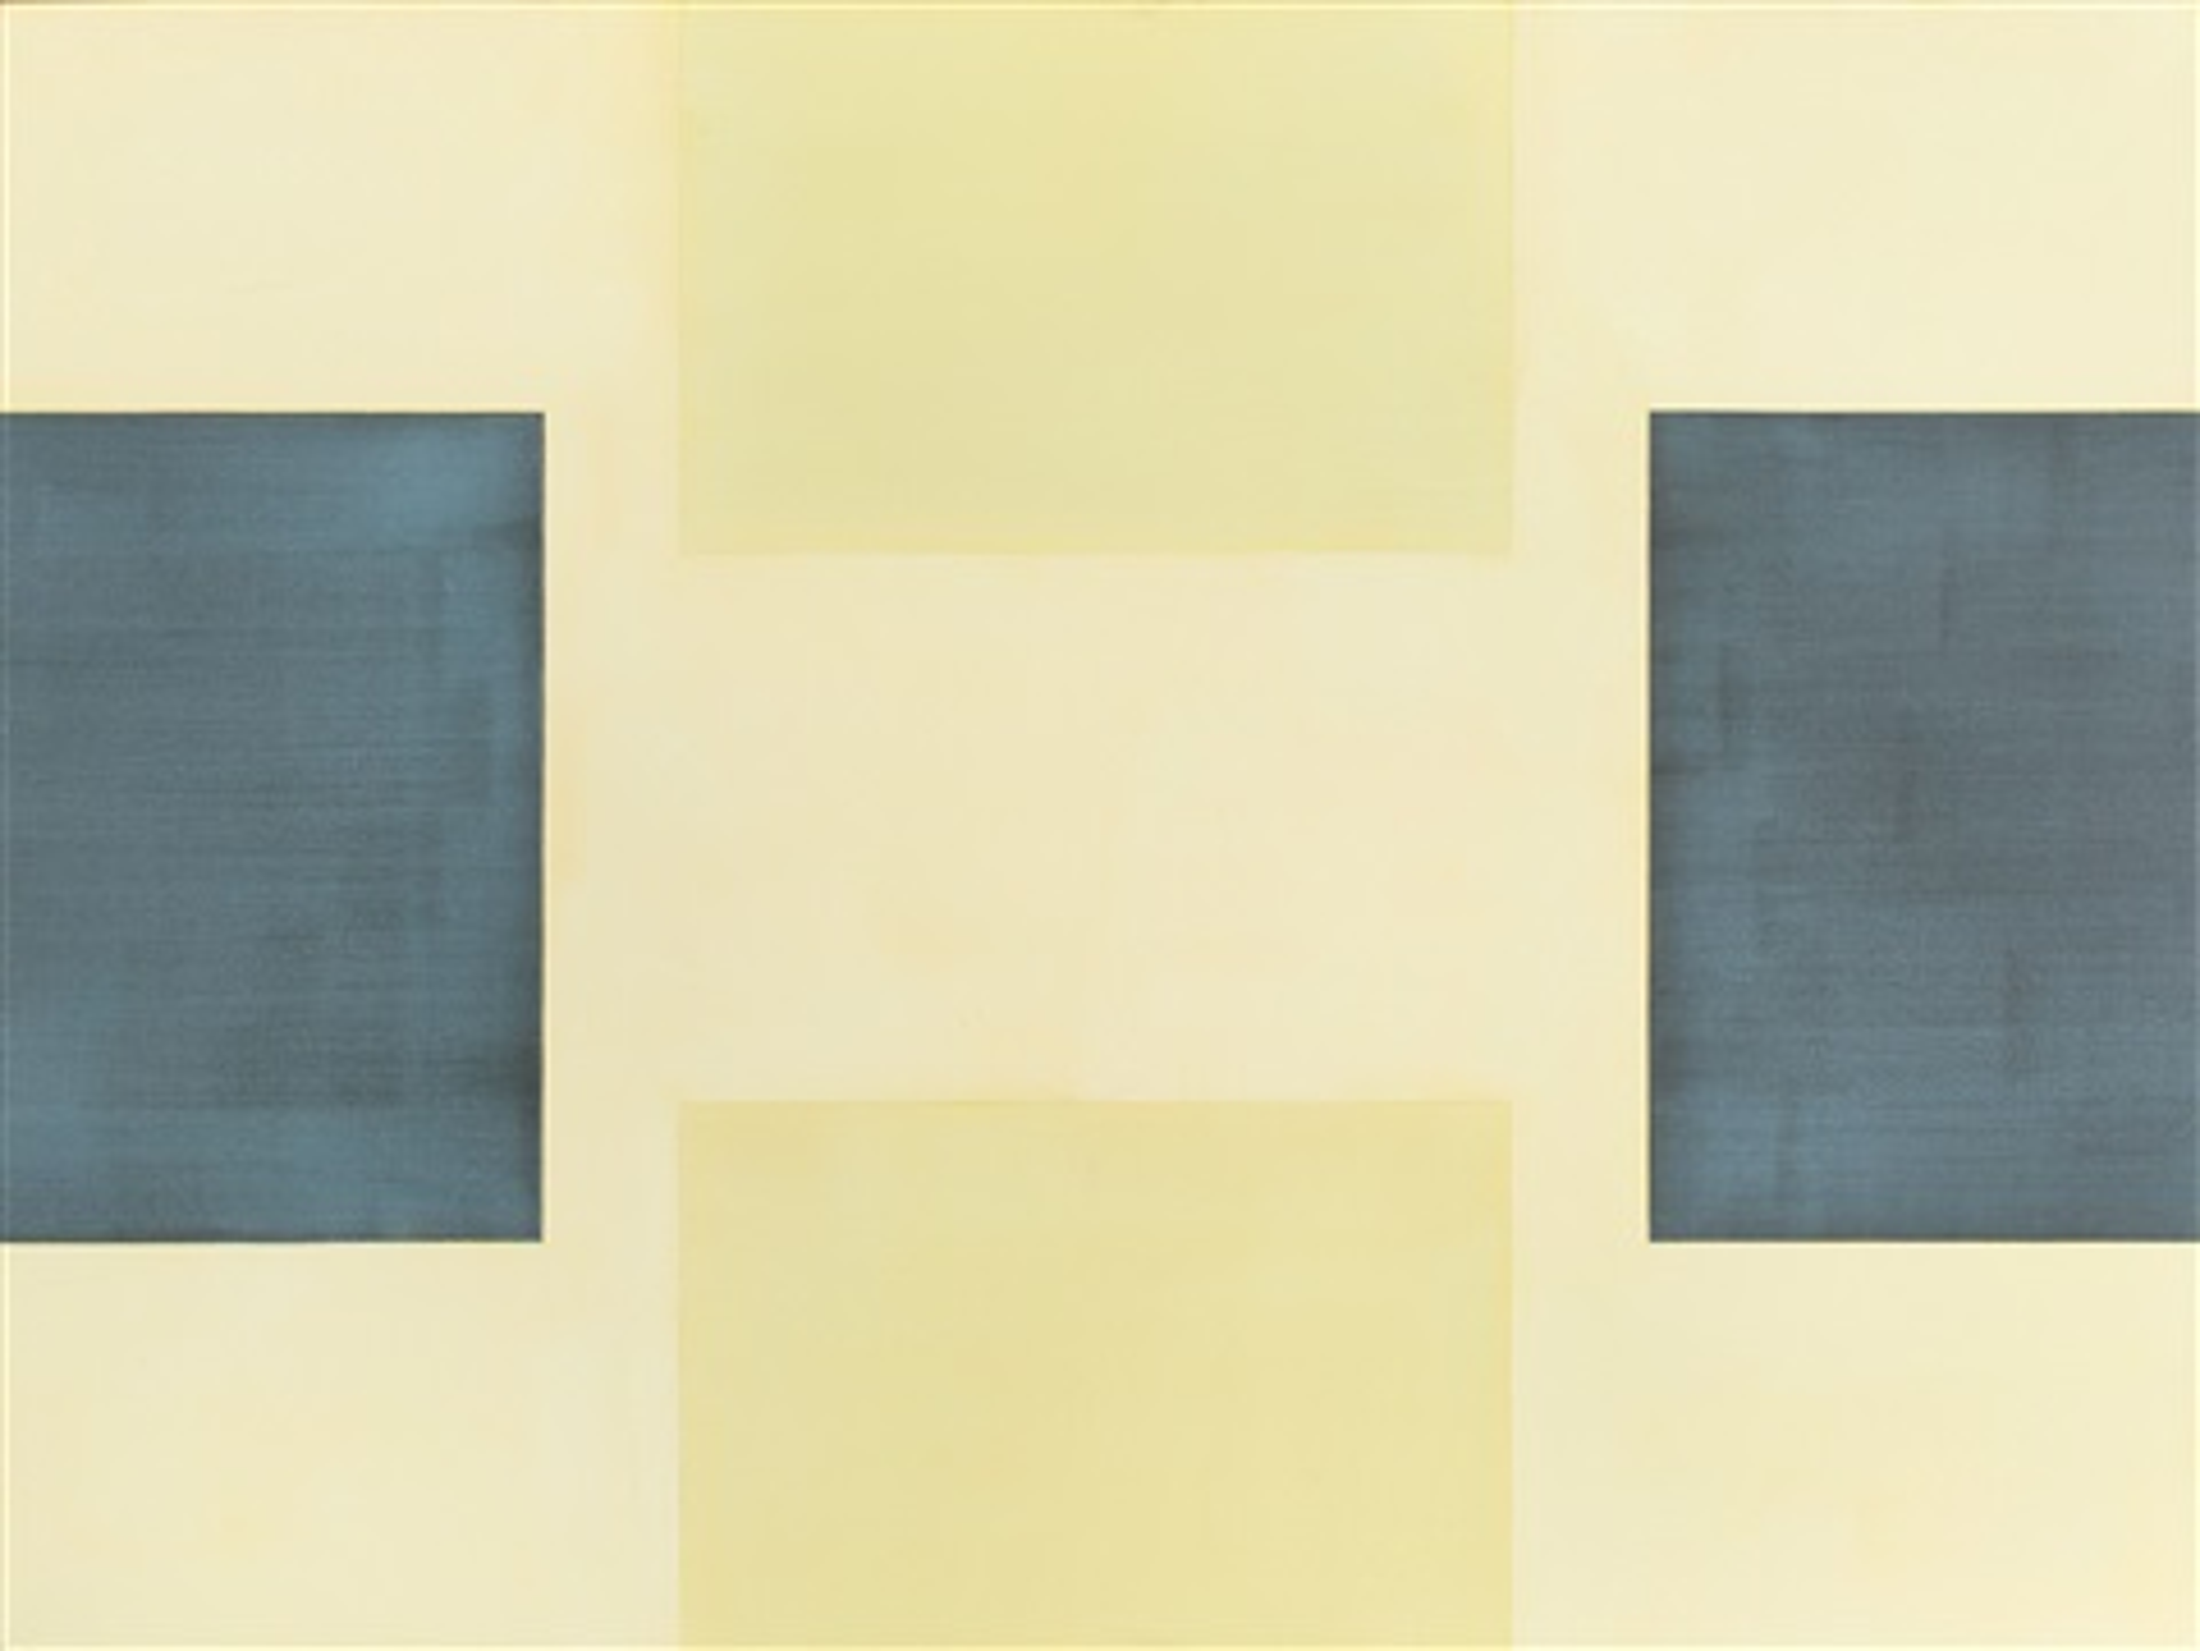 Farben der Erinnerung by Ulrich Erben on artnet